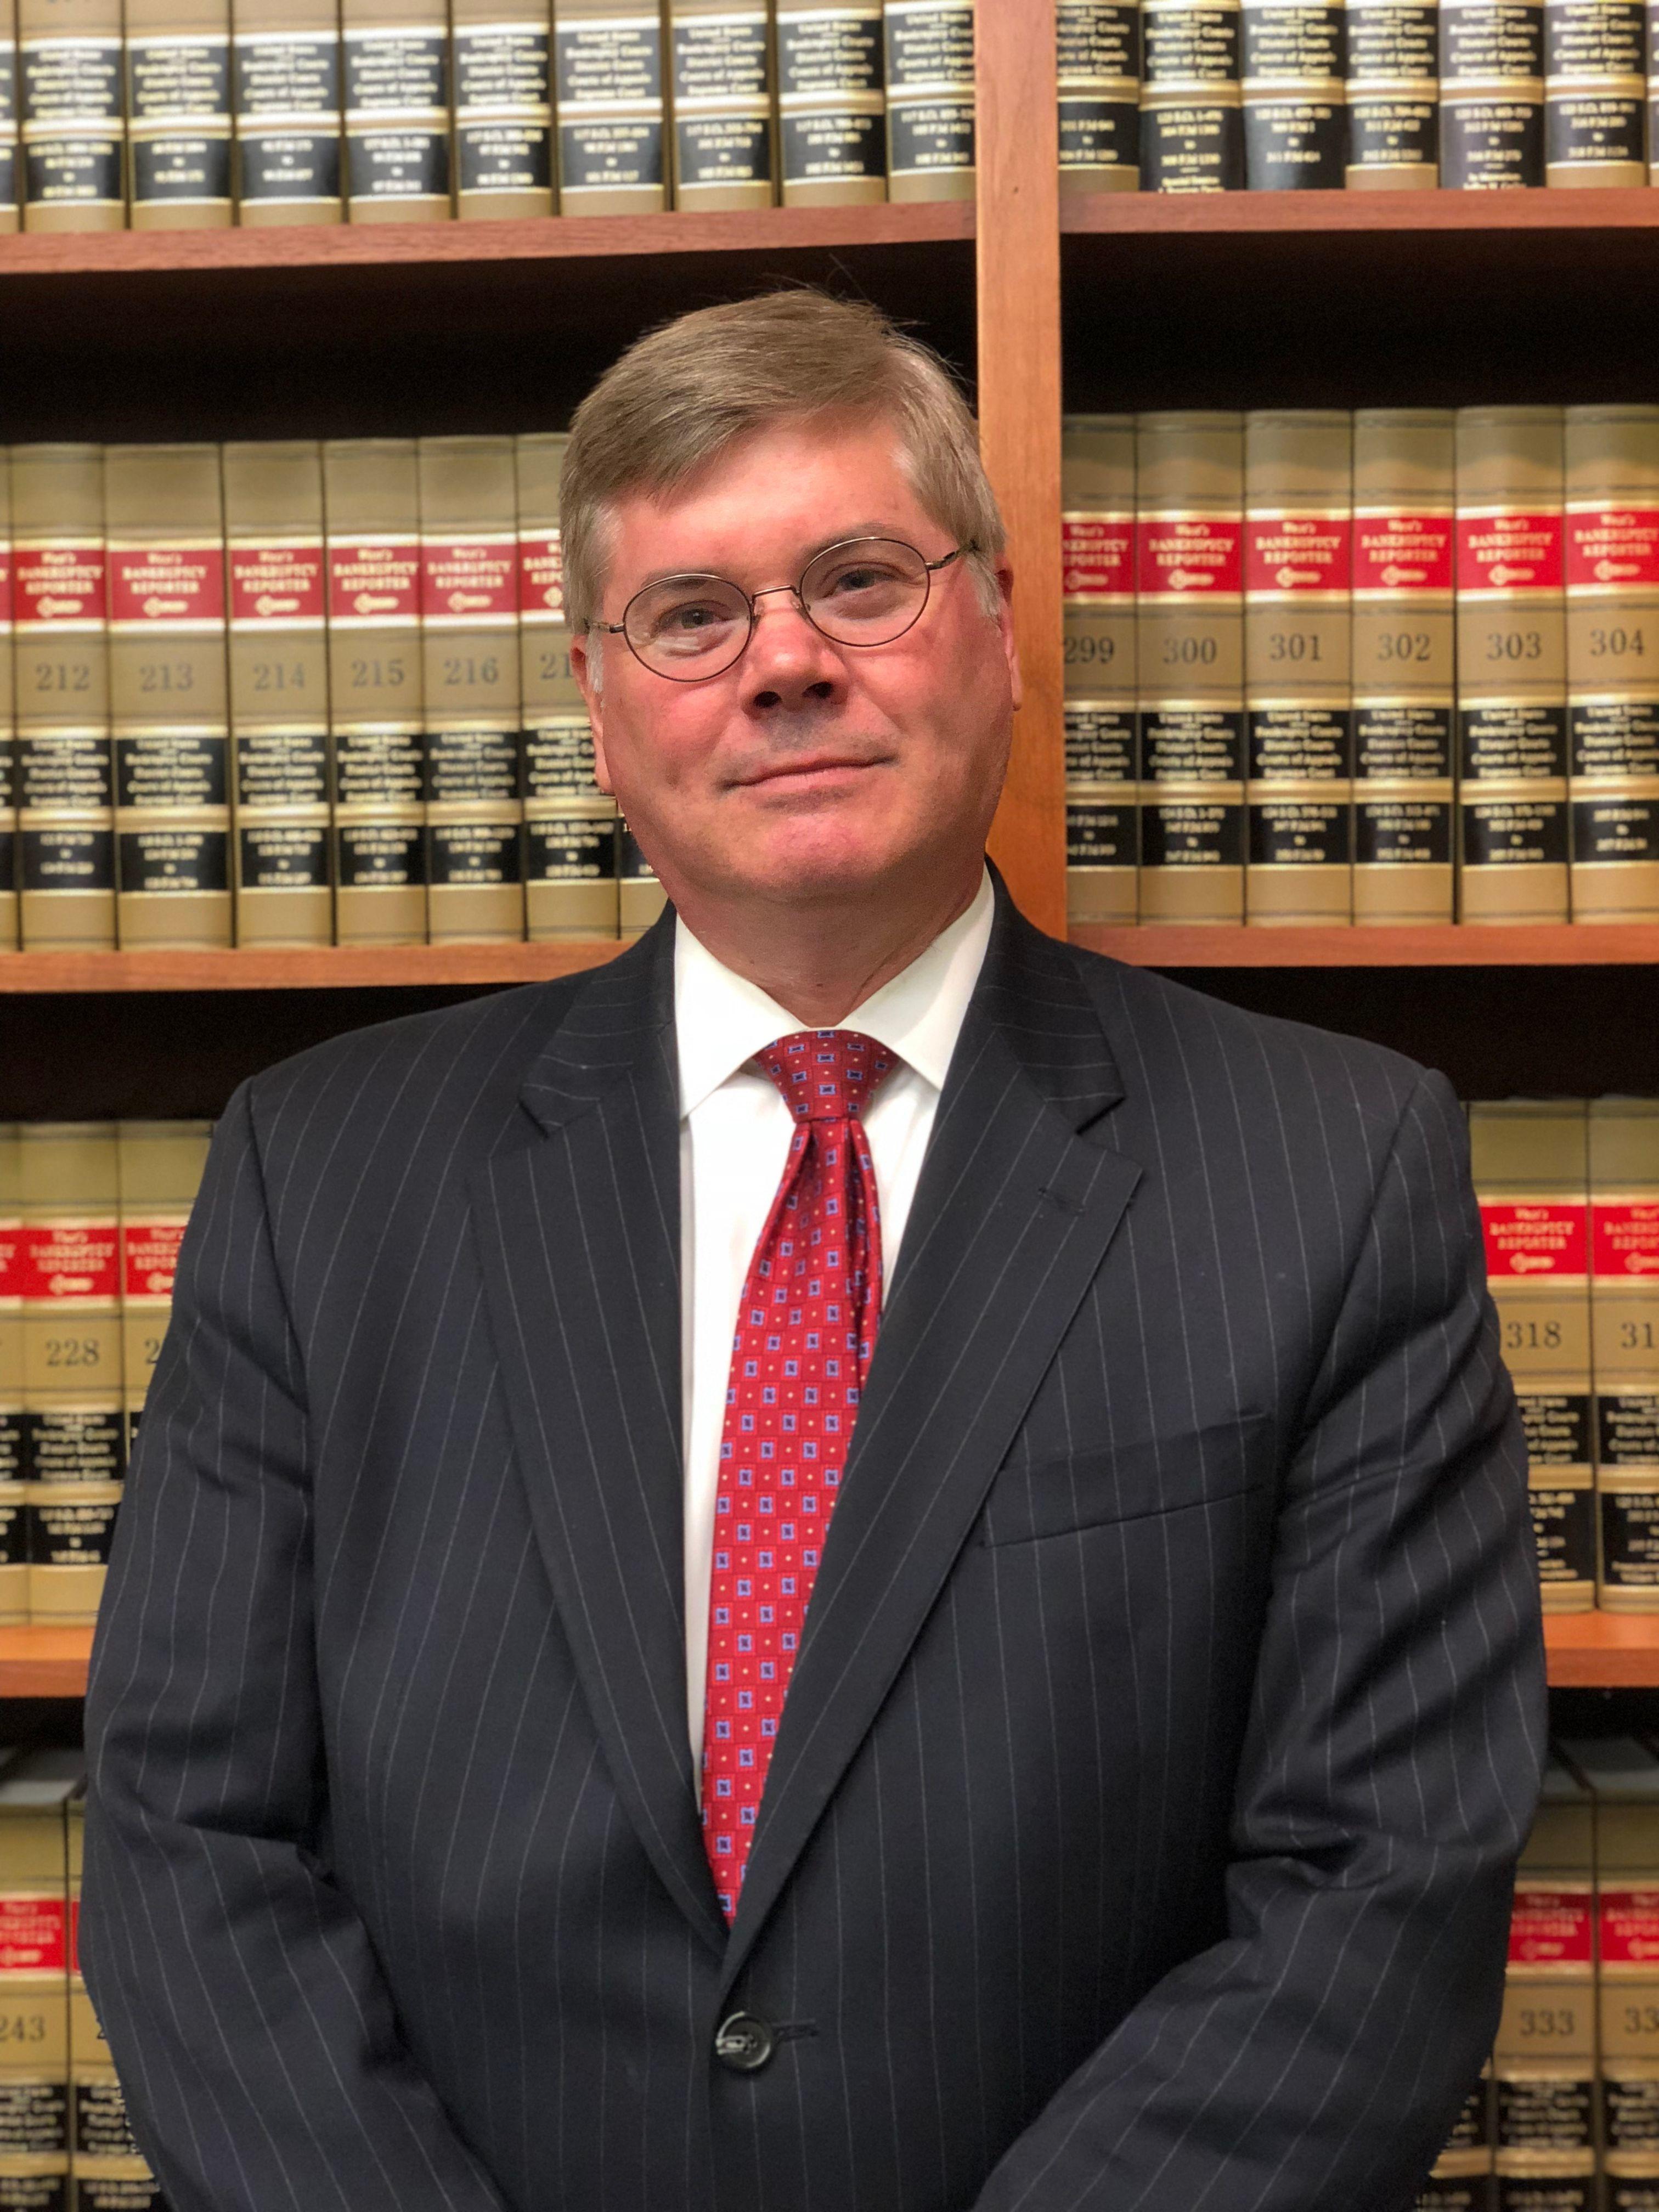 Judge Robert Summerhays